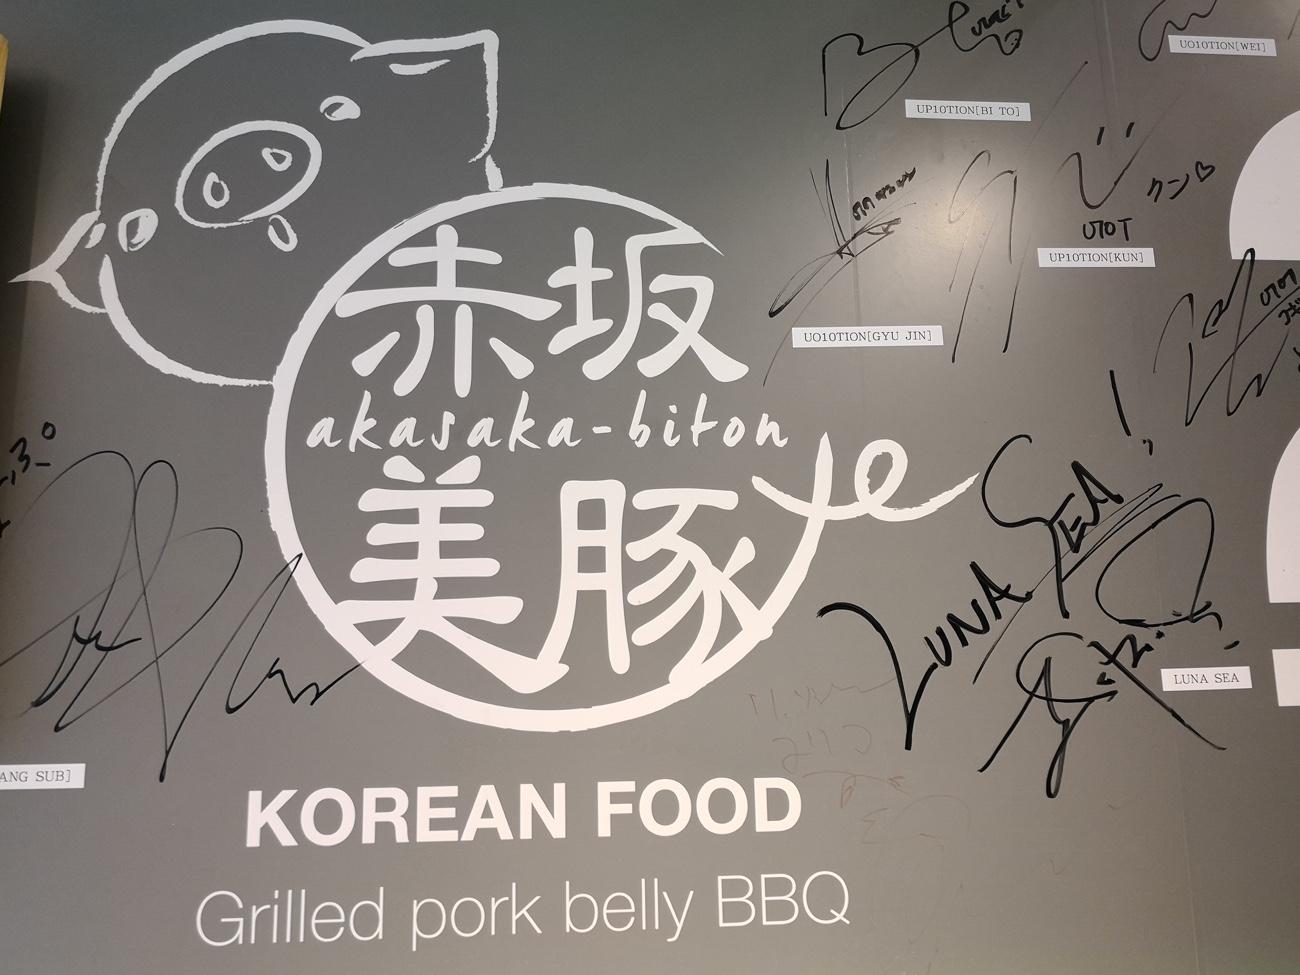 赤坂美豚の階段 有名人のサイン